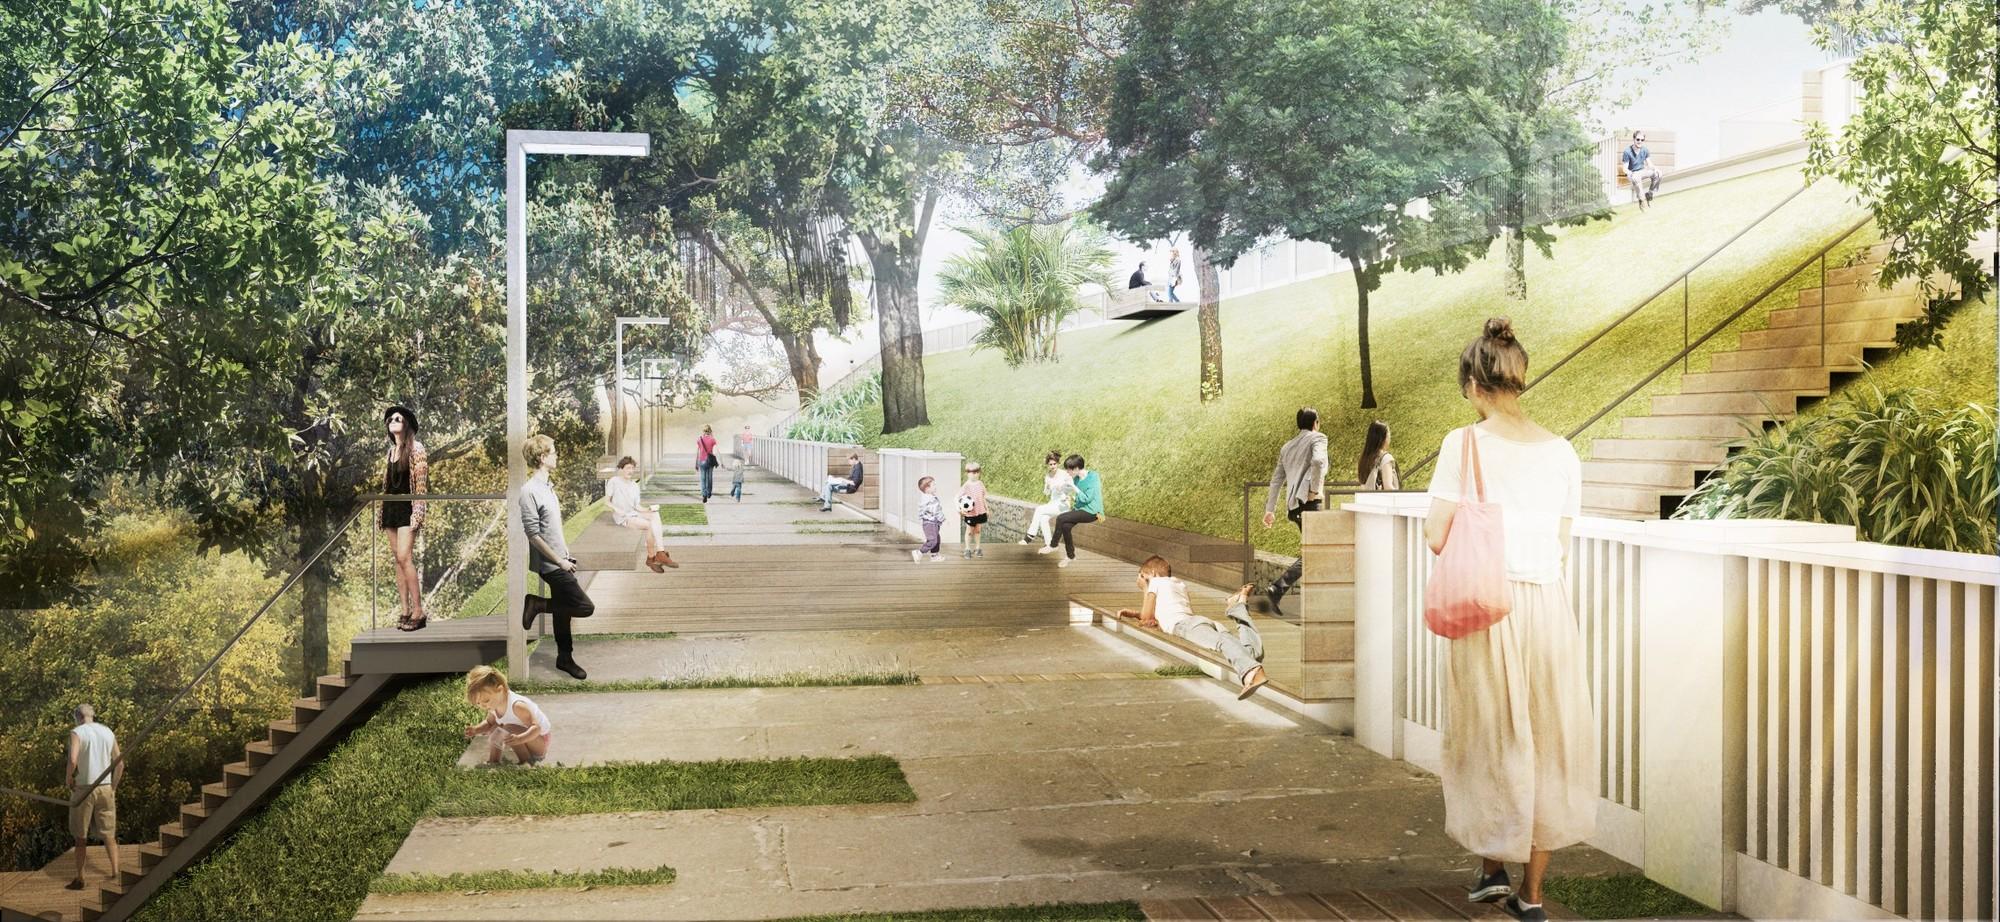 Segundo Lugar no Concurso Nacional Parque do Mirante de Piracicaba / Davis Brody Bond, © Davis Brody Bond Architects and Planners